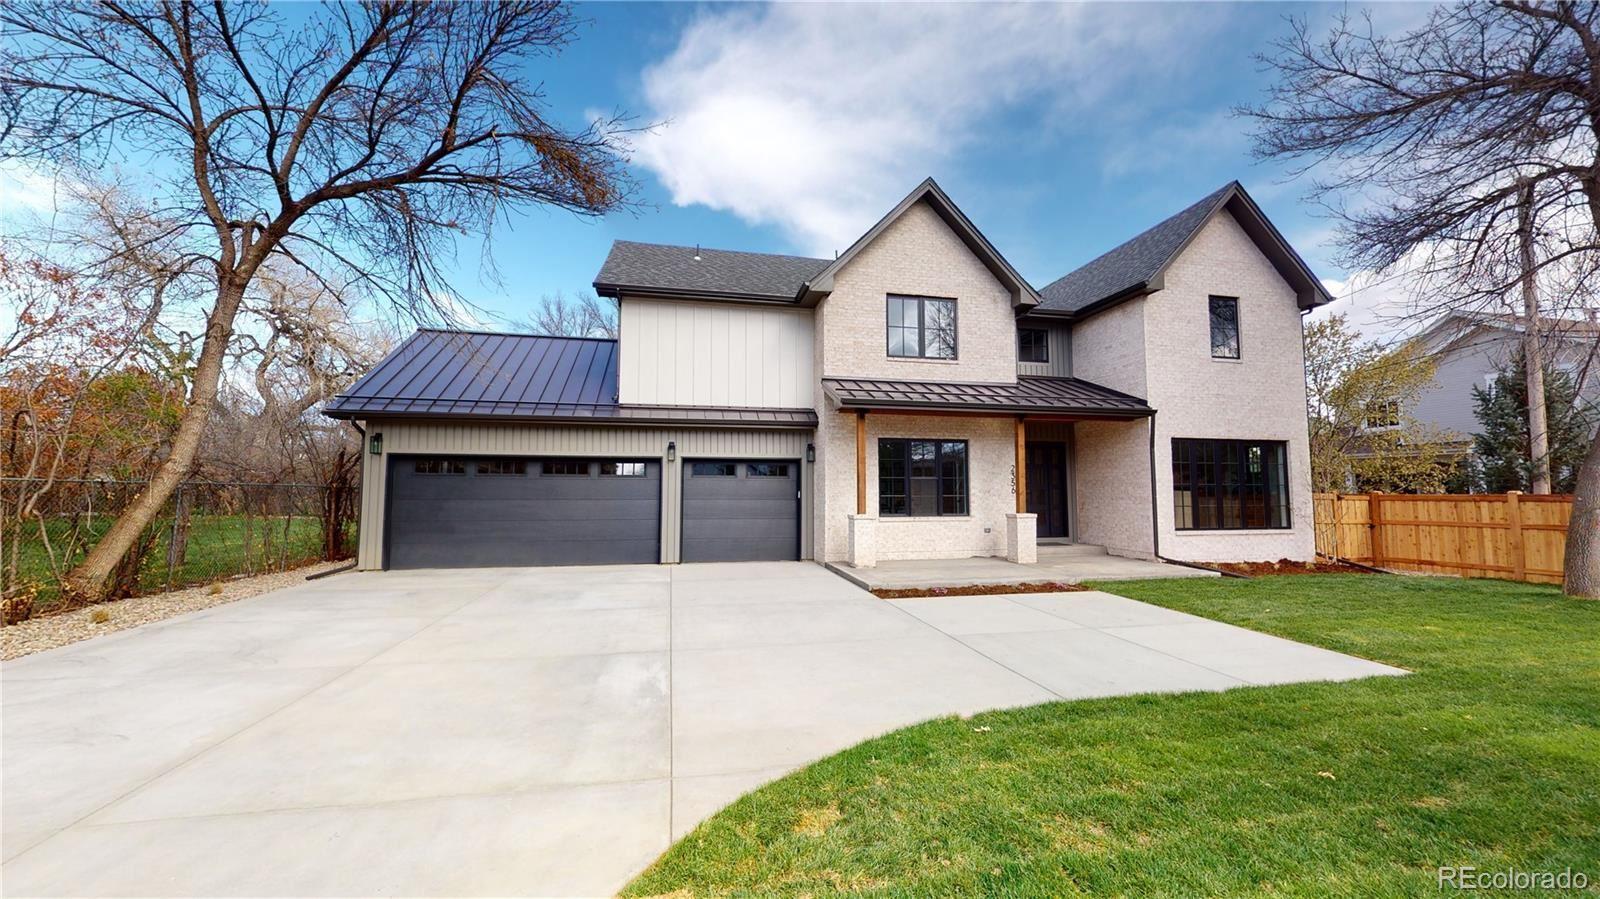 2356 S Monroe Street, Denver, CO 80210 - #: 8684942